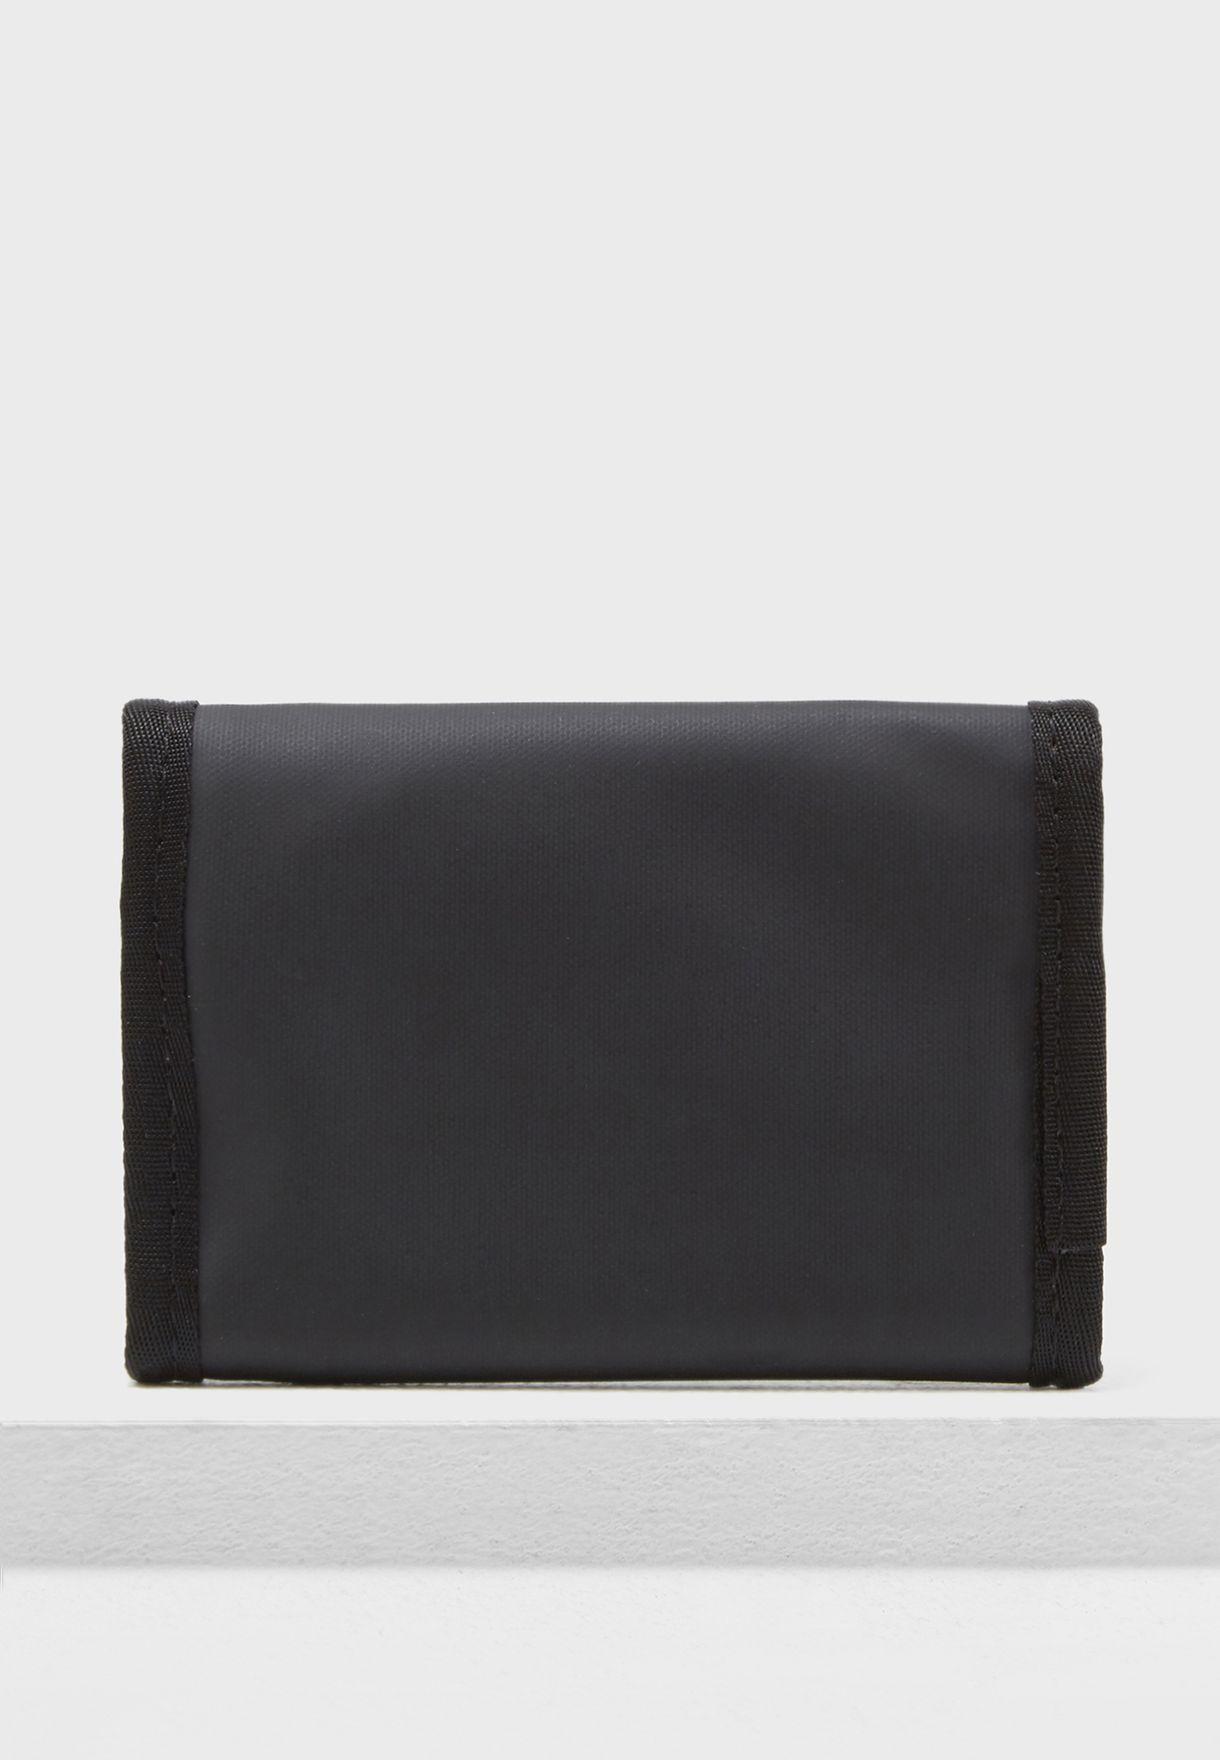 محفظة من بوليستر متين